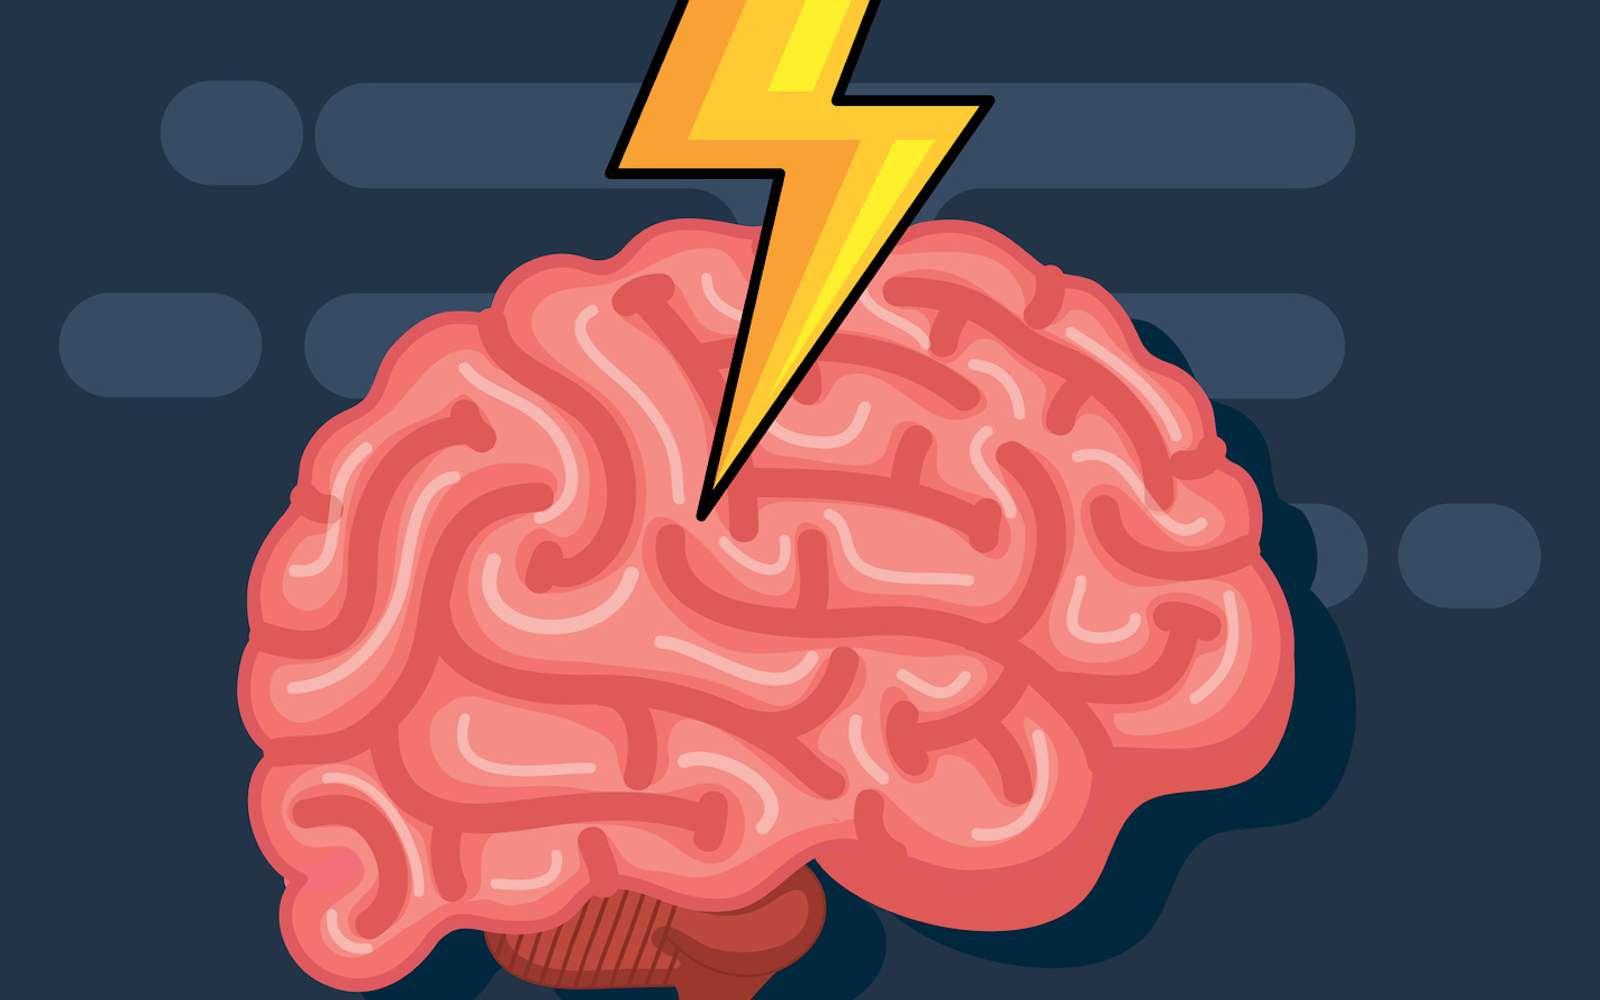 L'adrénaline est un neurotransmetteur sécrété dans les situations de stress. © Gstudio Group, Fotolia